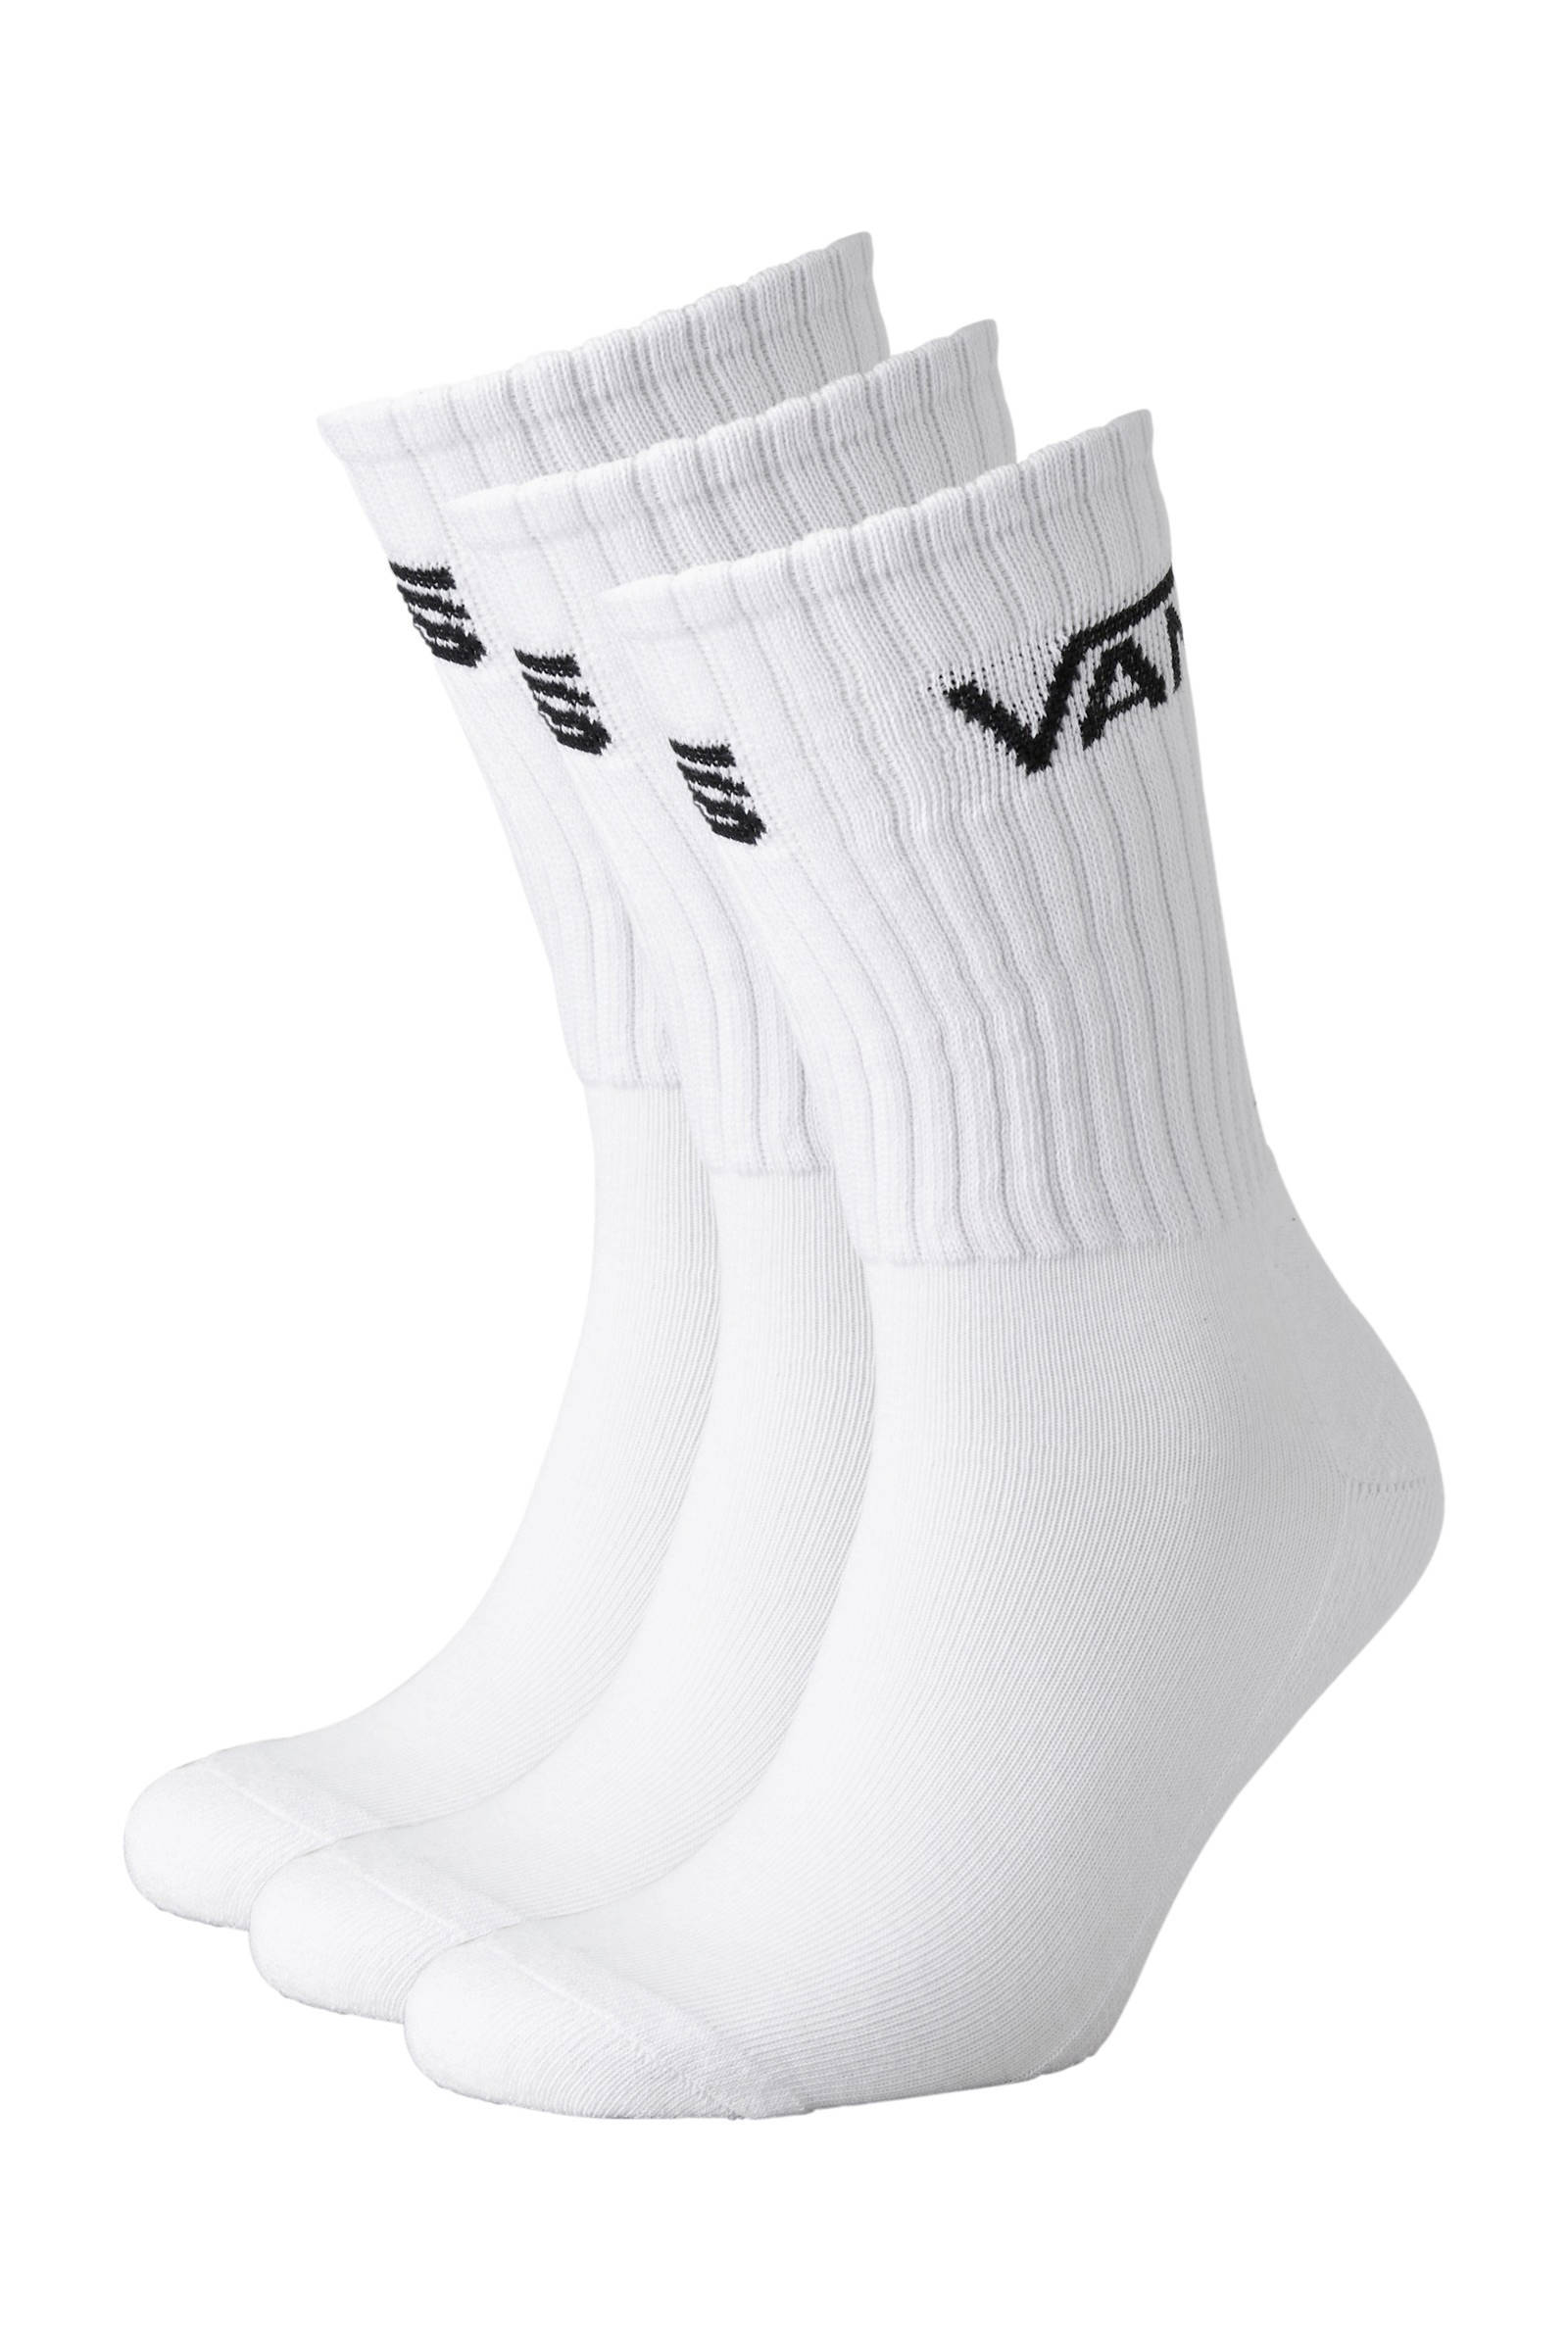 vans dames sokken